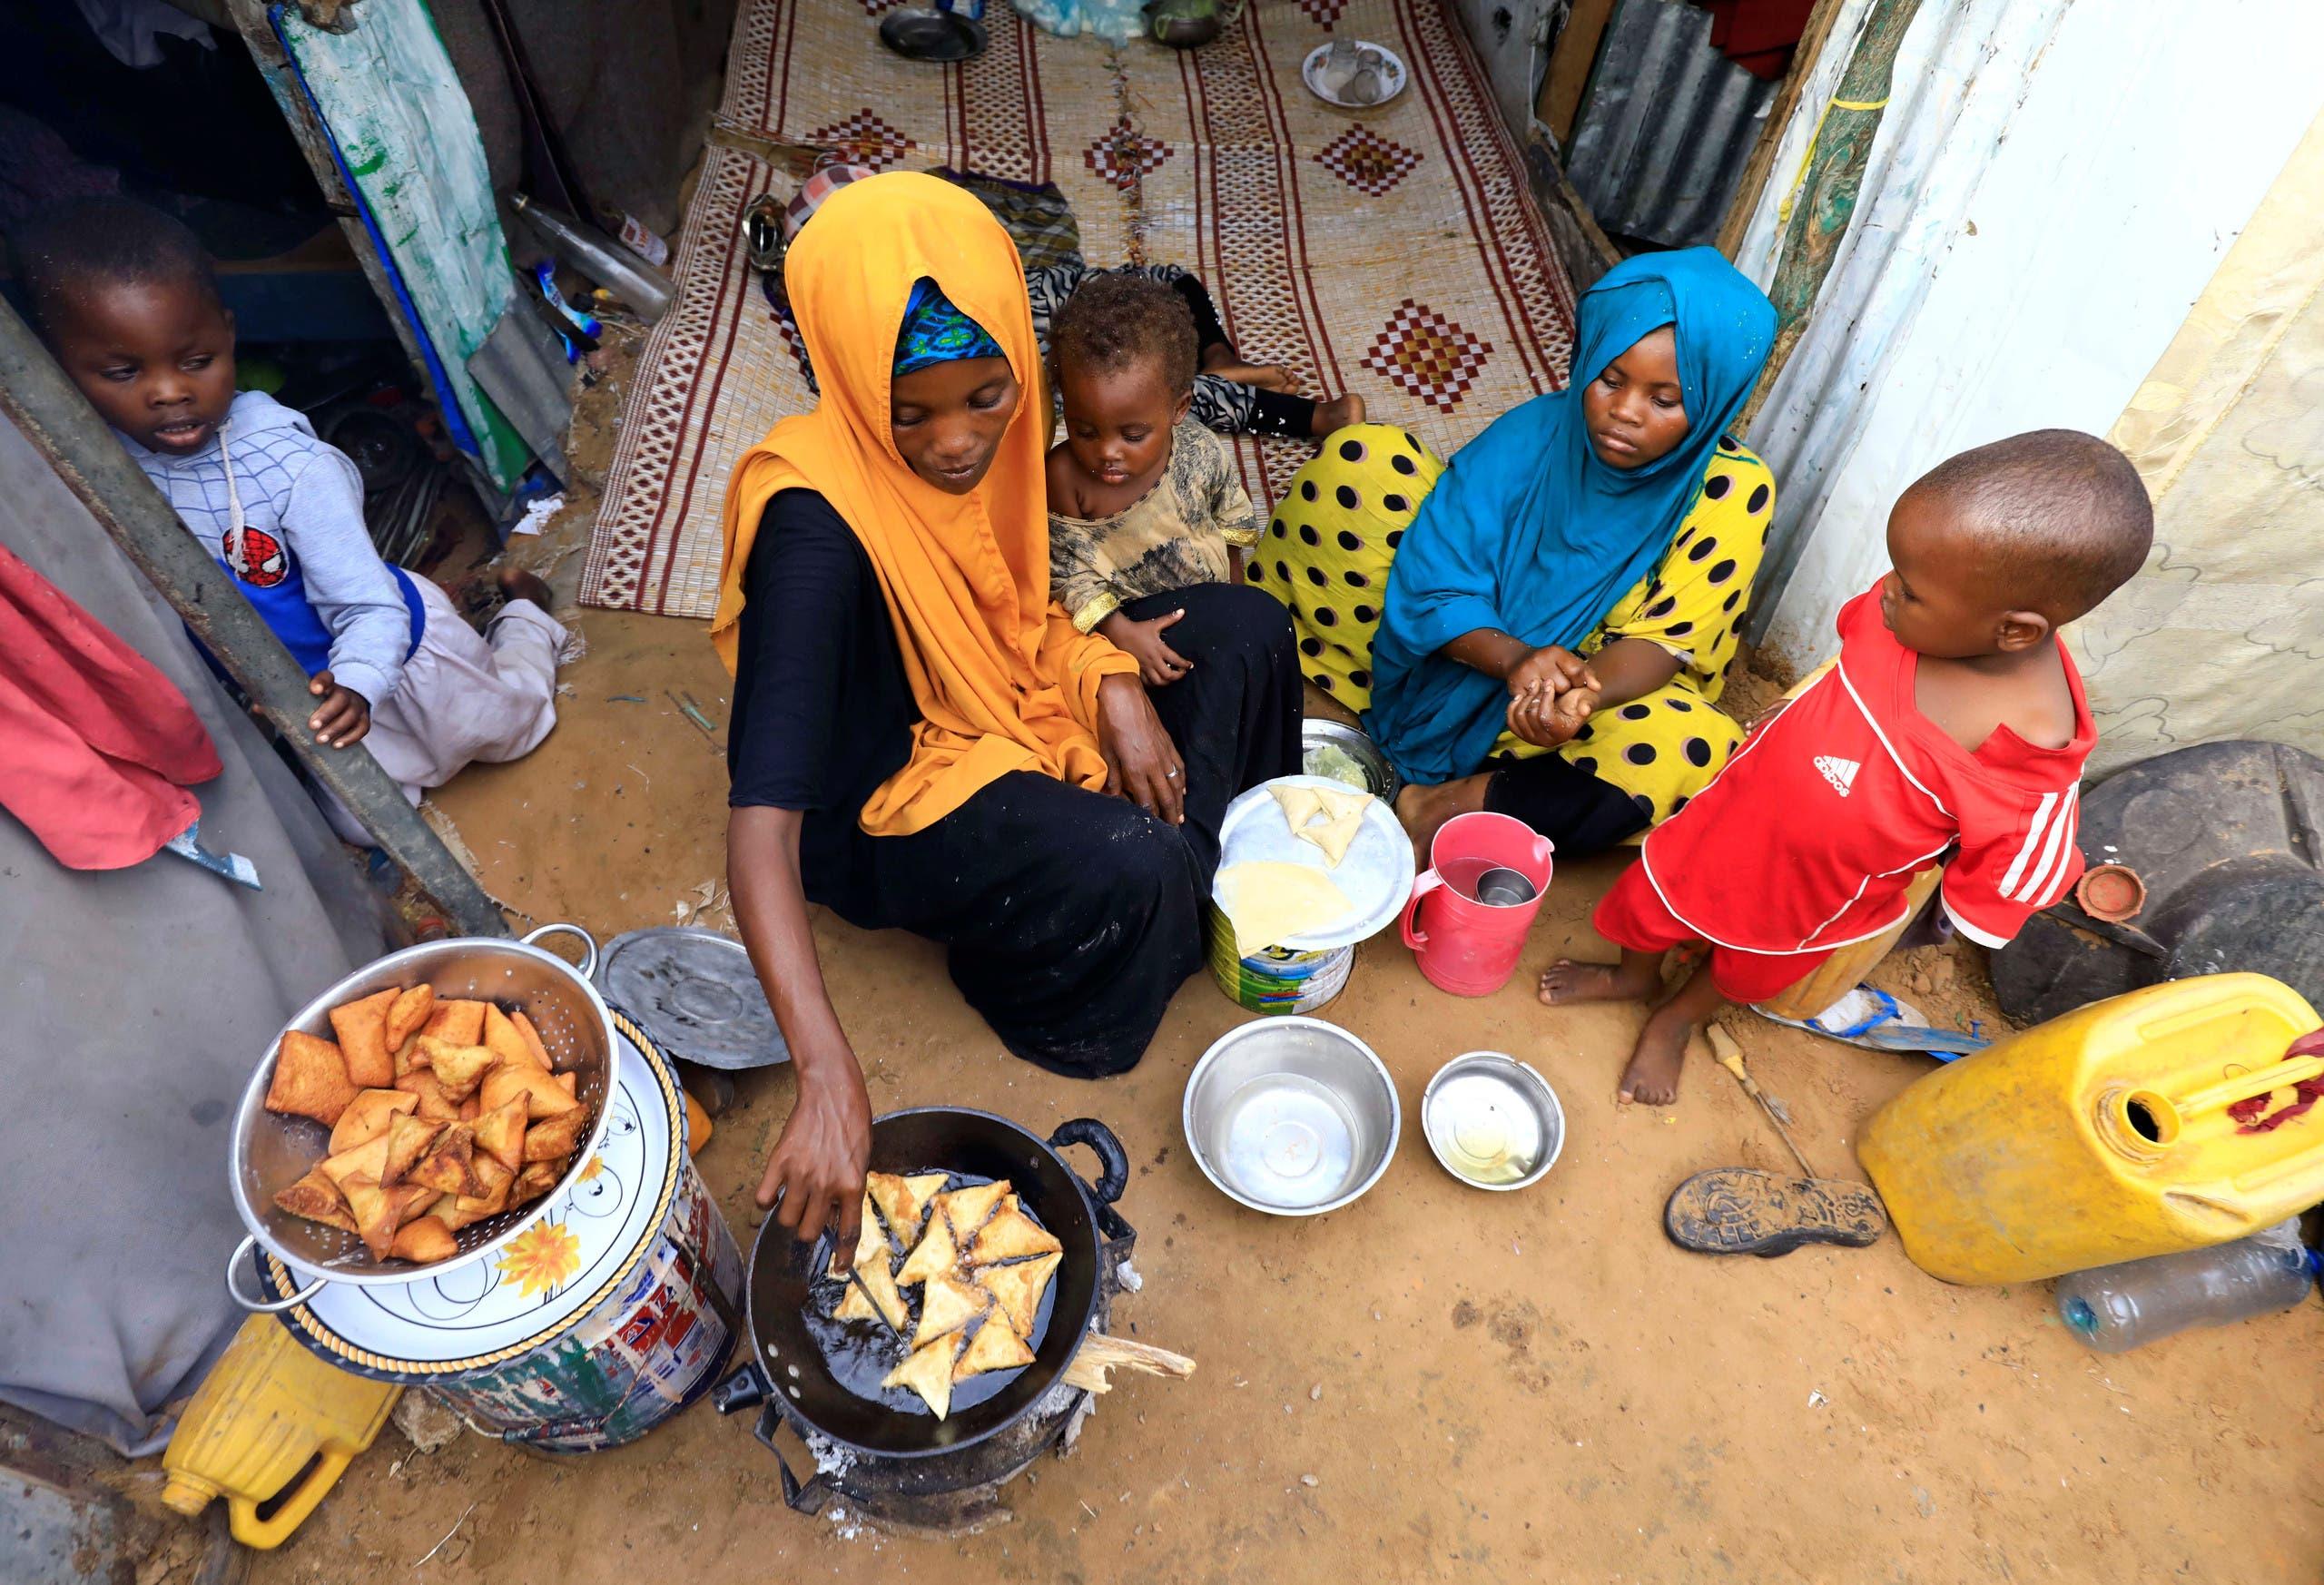 عائلة صومالية نازحة في مقديشو تحضر الإفطار